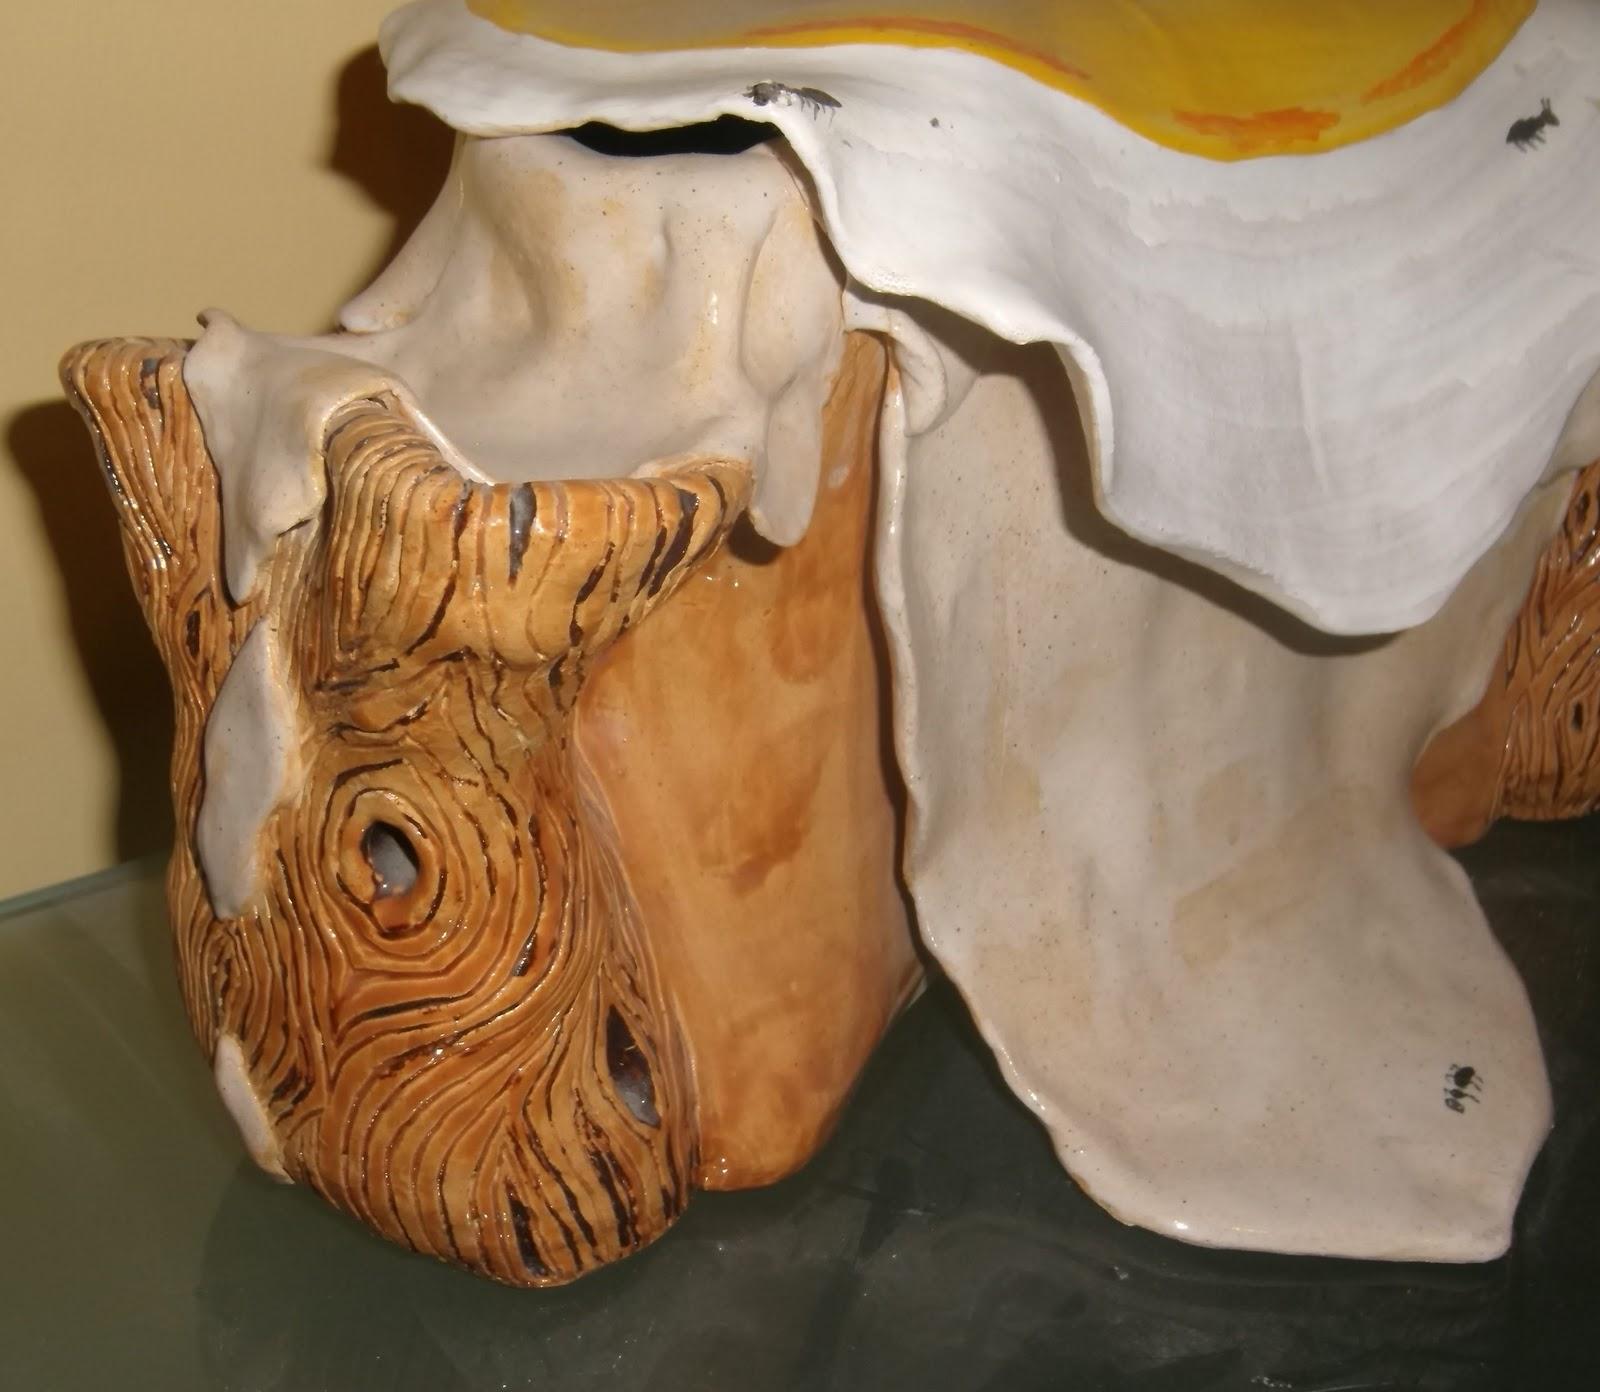 http://2.bp.blogspot.com/_Erz7lITT_F0/TUr4_V5HfaI/AAAAAAAAADQ/6FE1WpWqp30/s1600/Tracys+art+012.JPG